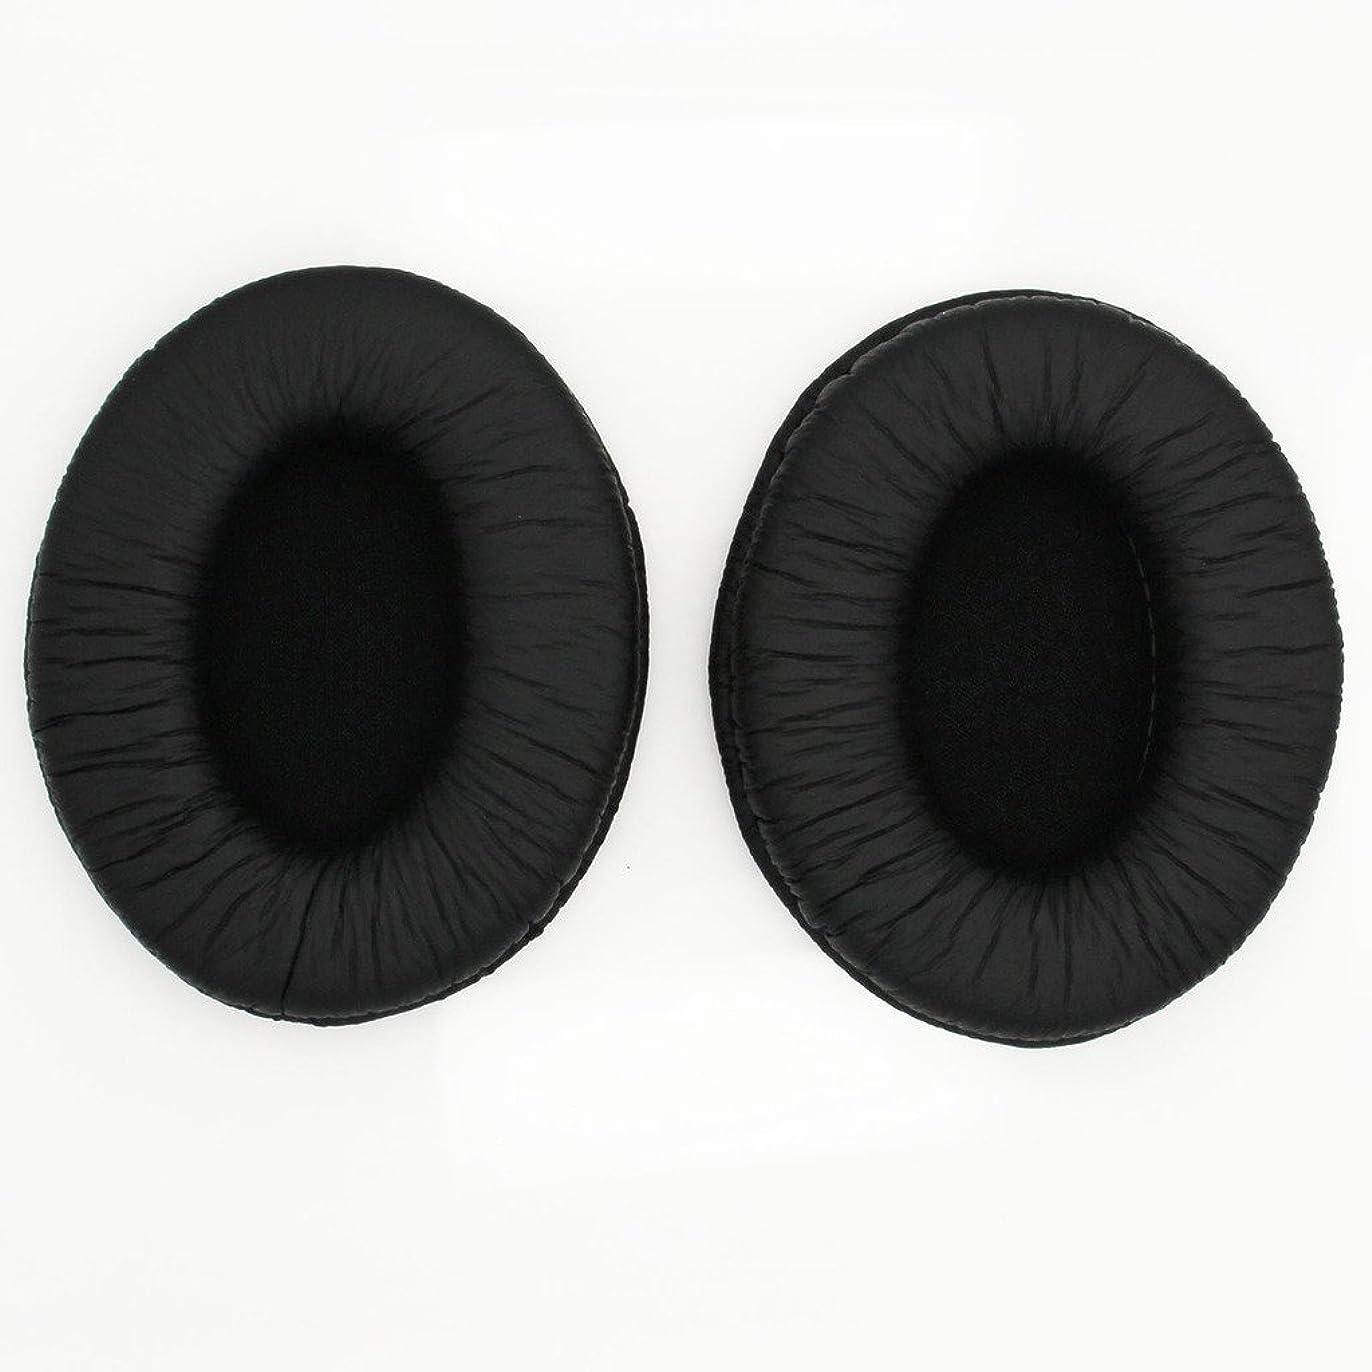 敬たとえ皮肉なMDR-NC60 MDR-D333 DR-BT50用イヤーパッド クッション イヤーカバー イヤーカップ イヤークッション ヘッドホンパッドReplacement Ear Pads Cushions Cover Headphones